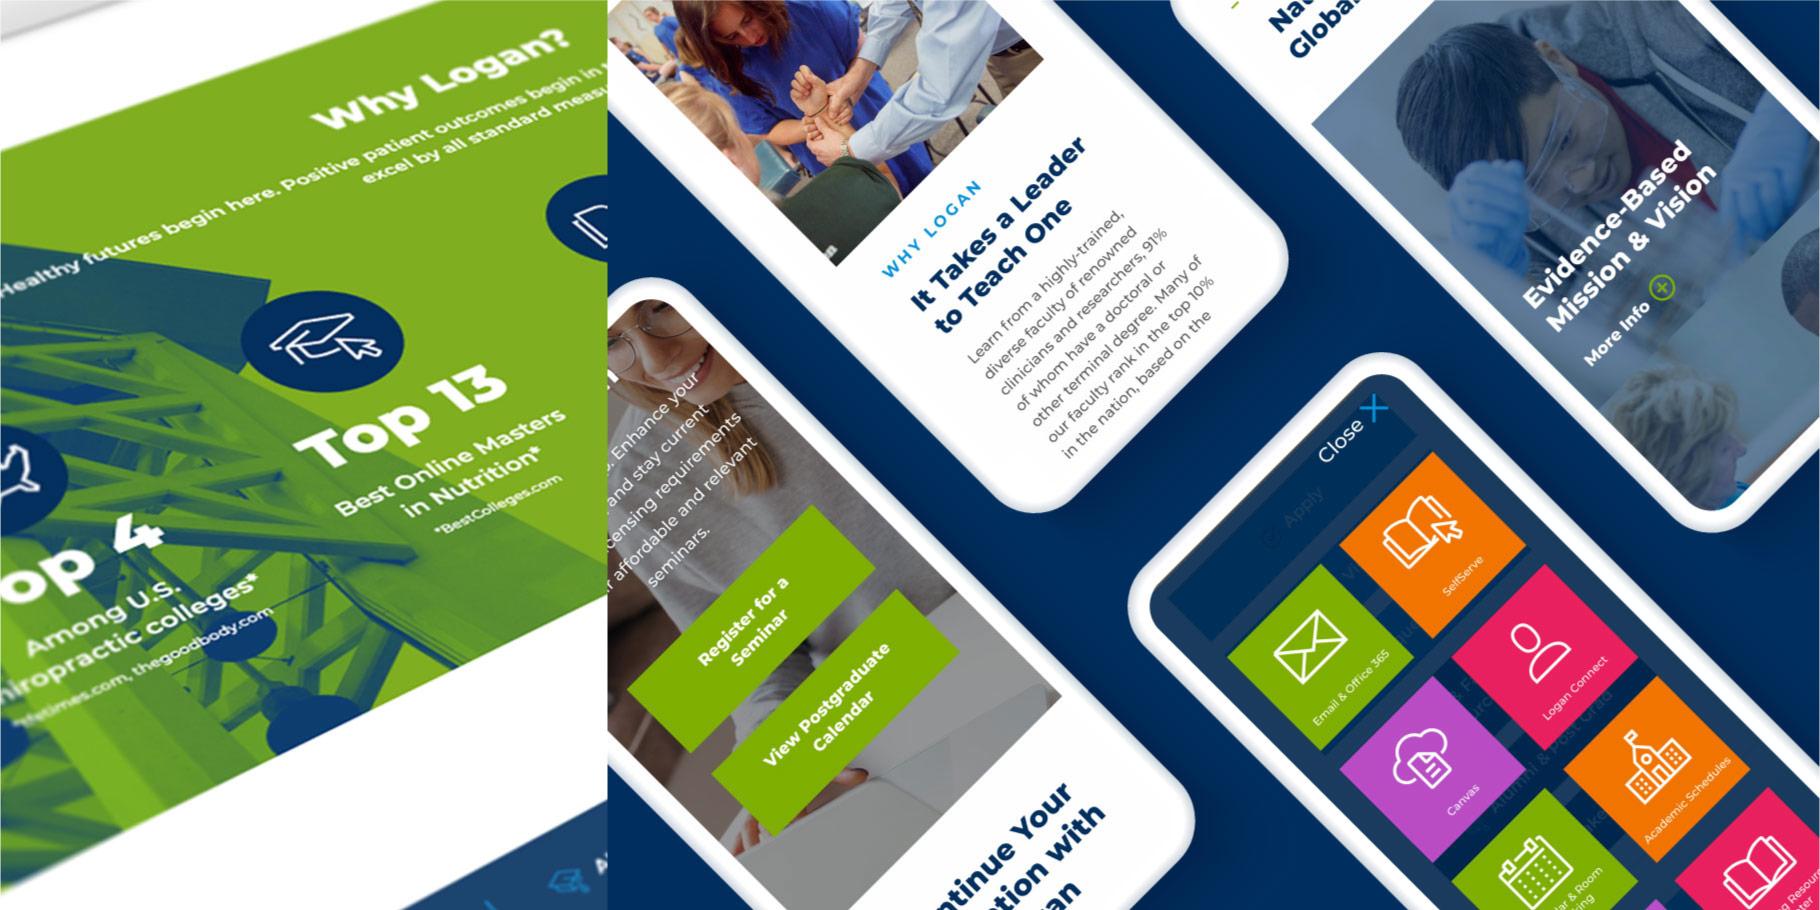 Logan University website design shown on smartphones